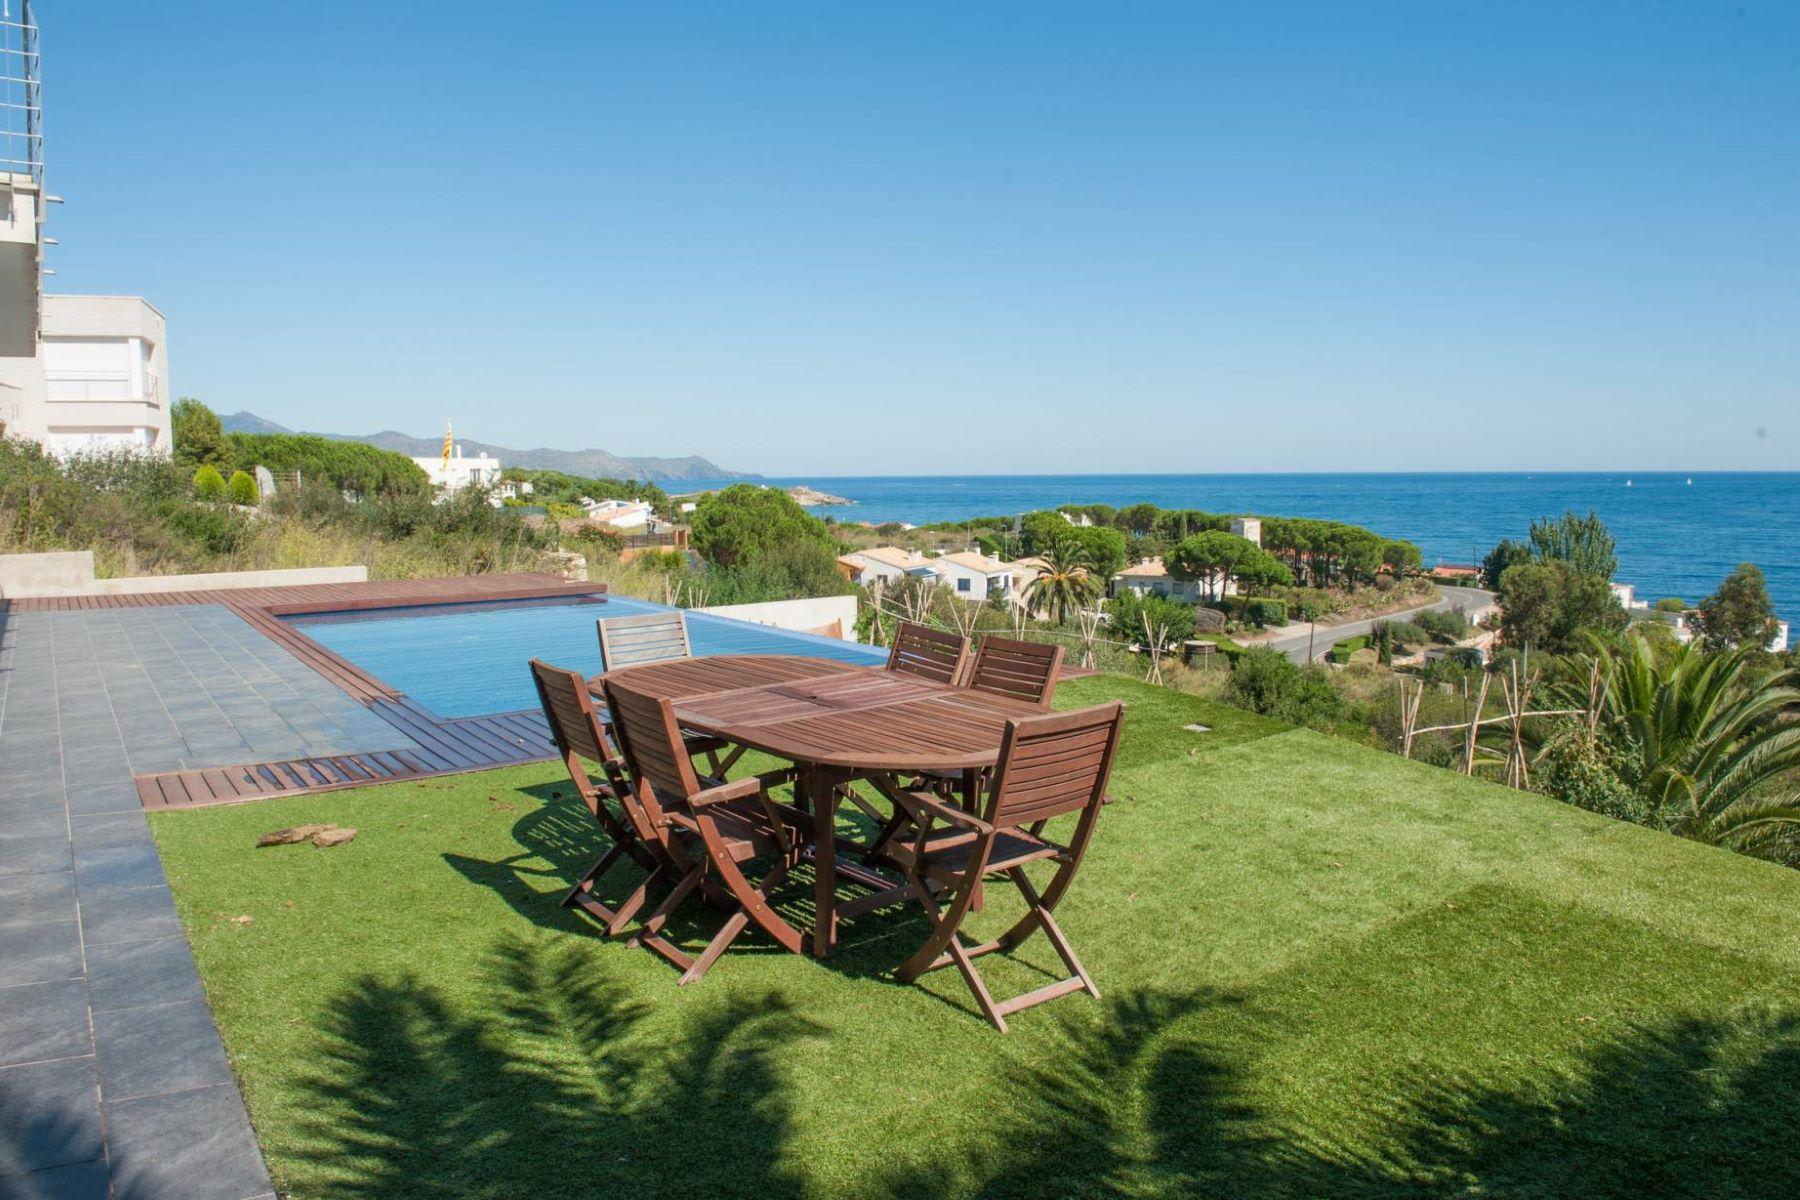 Частный односемейный дом для того Продажа на Outstanding Villa with sea views and close to a marina El Port De La Selva, Costa Brava, 17489 Испания